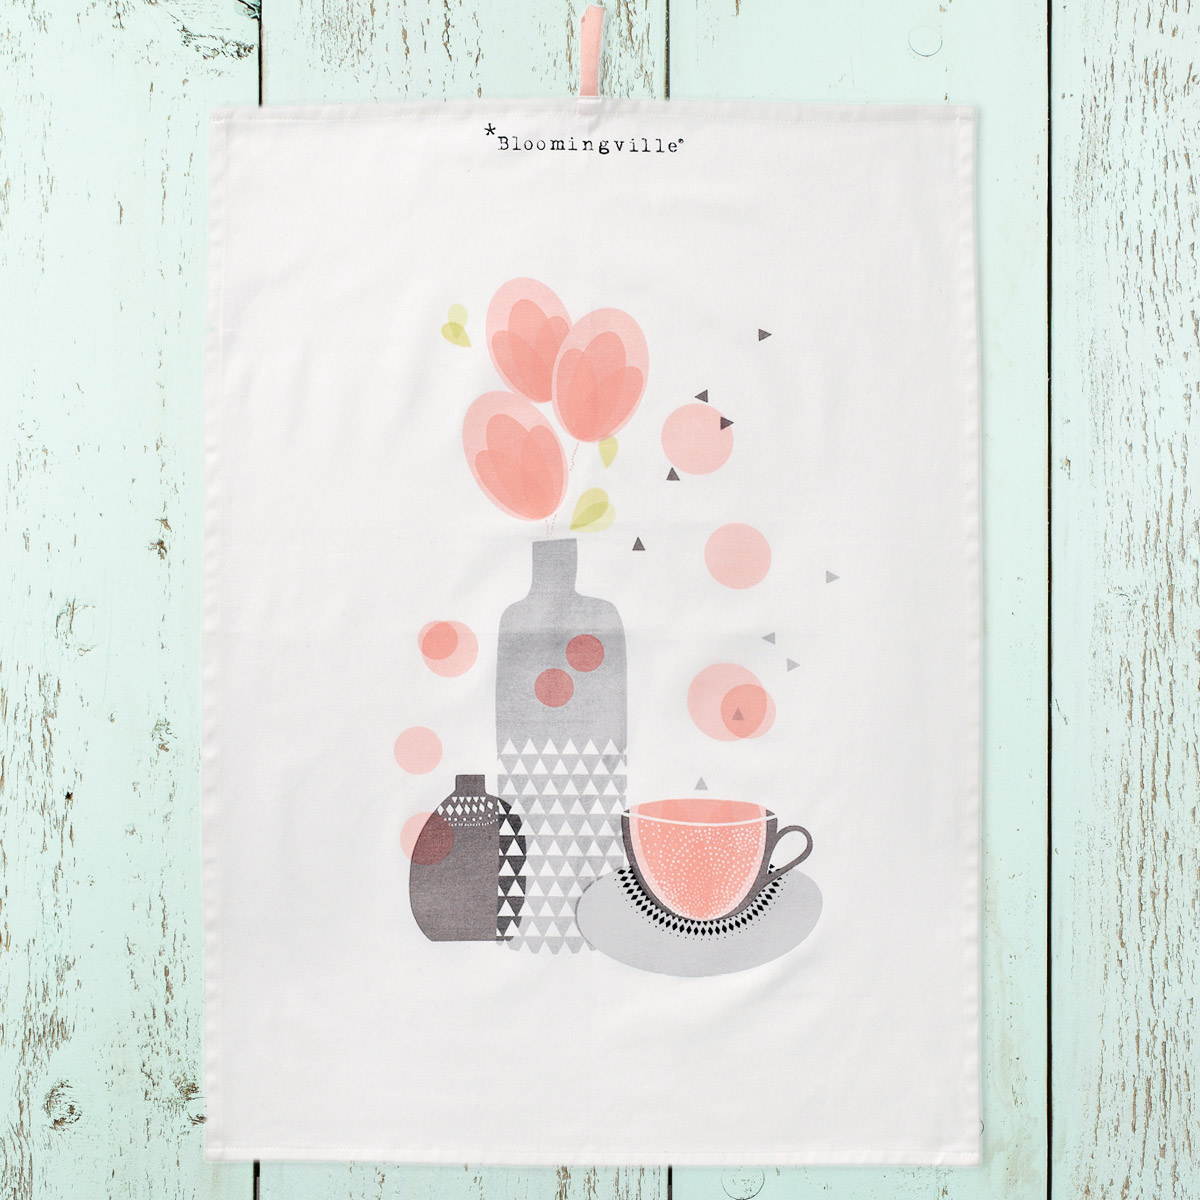 629005_kitchen-towel_cocina_01